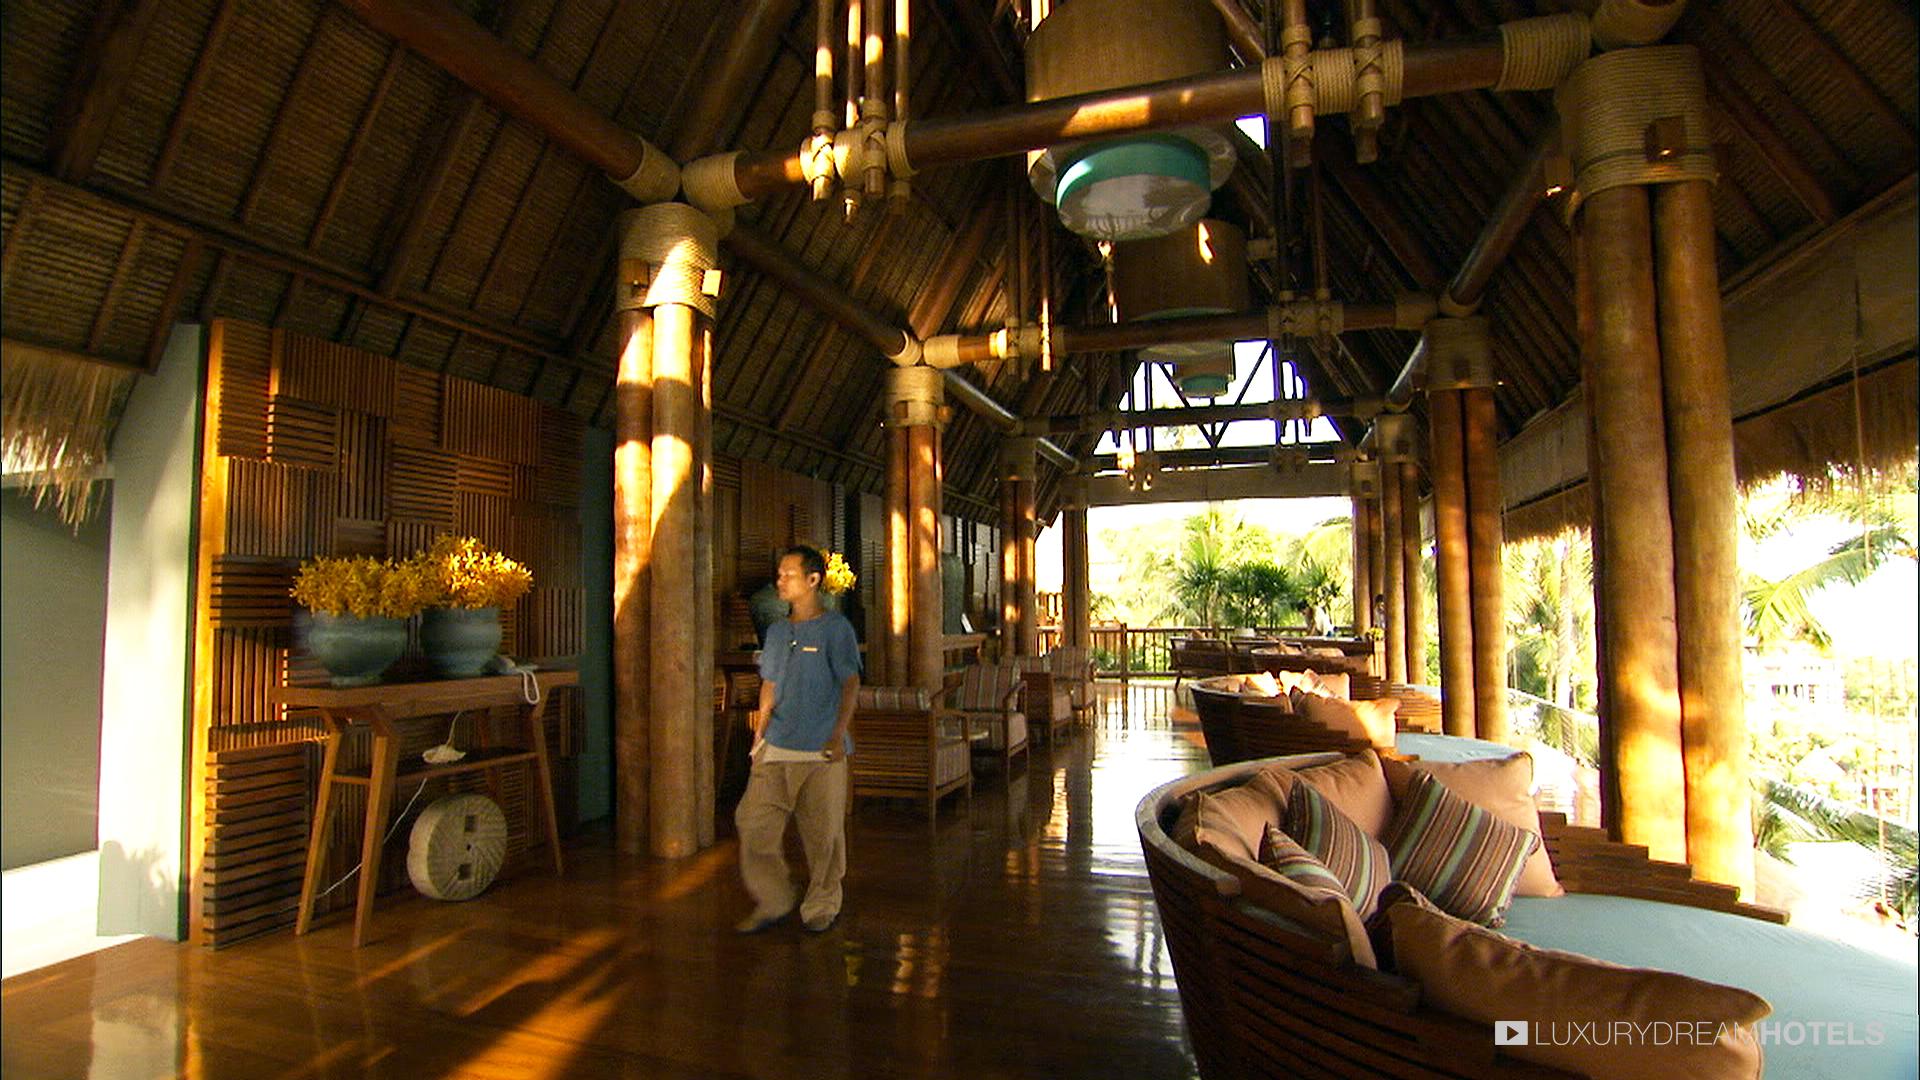 Luxury hotel, Four Seasons Resort Koh Samui, Koh Samui